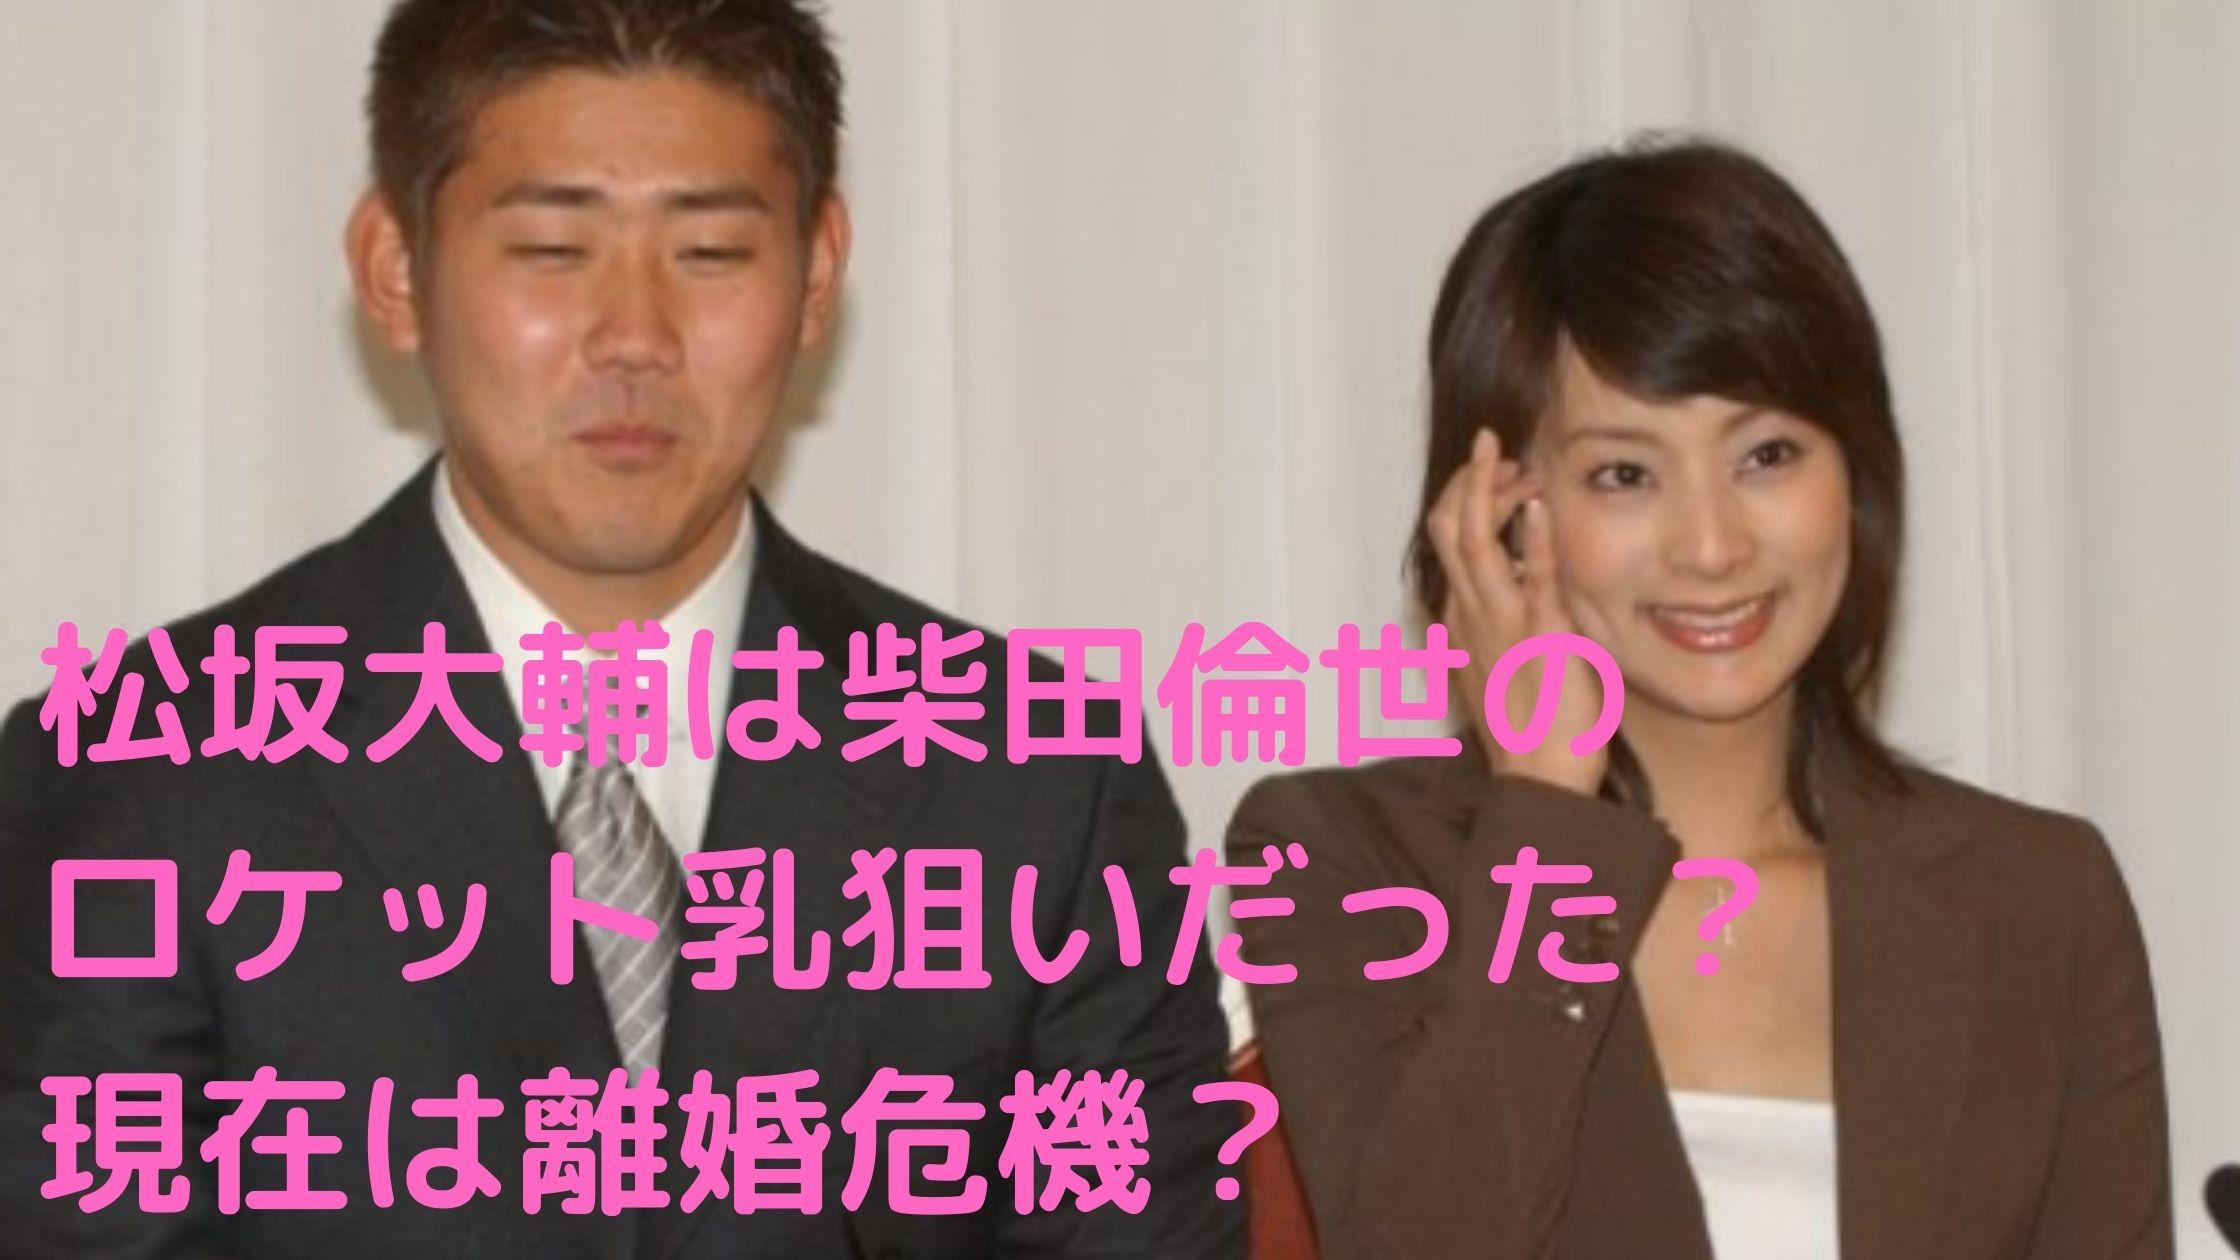 松坂大輔 嫁 柴田倫世 ホルスタイン ロケット乳 馴れ初め 年齢差 身長差 現在 離婚危機